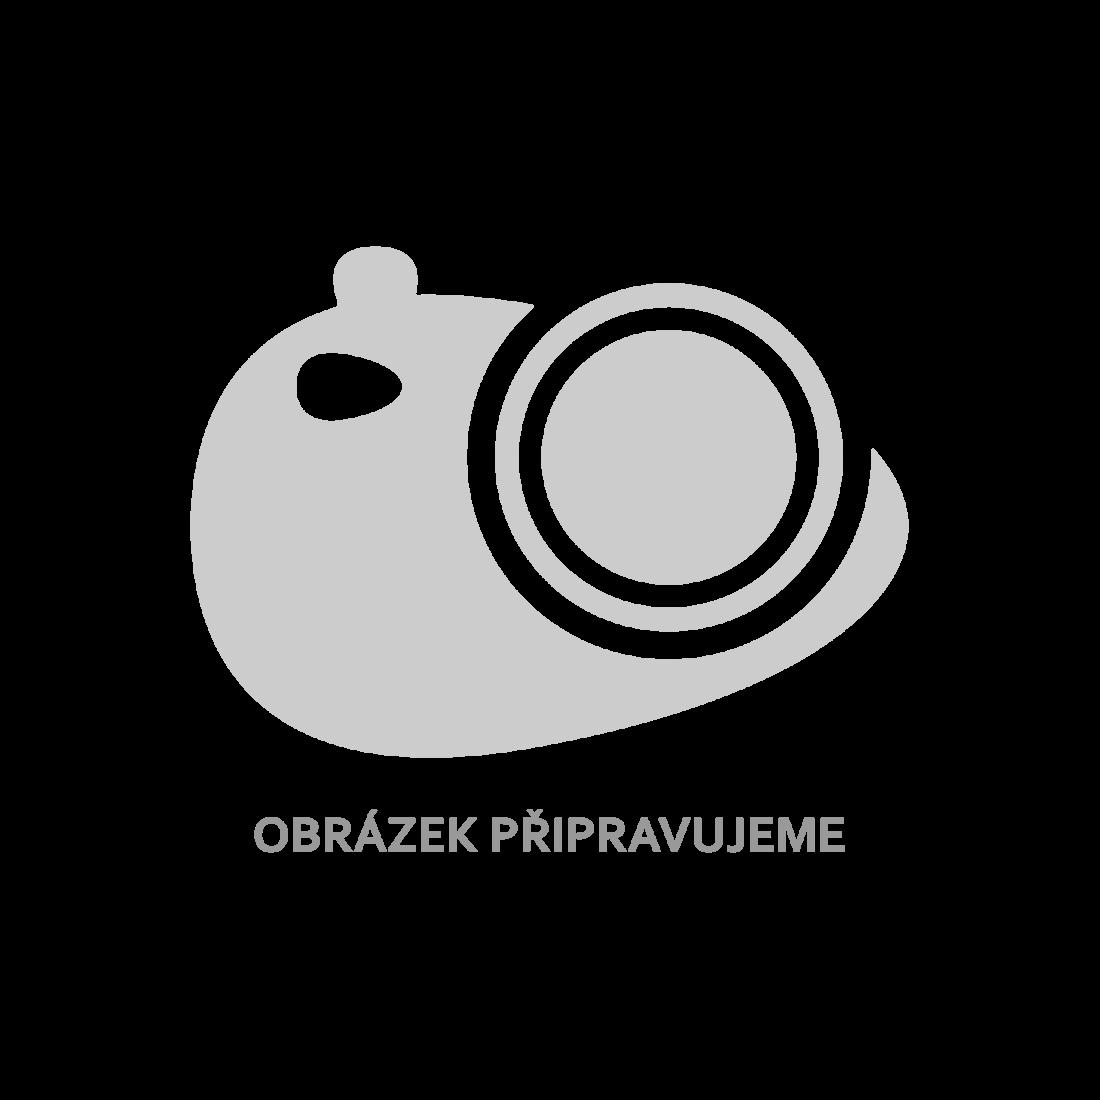 vidaXL Zahradní úložný box hnědý 129 x 67 x 65 cm [46264]